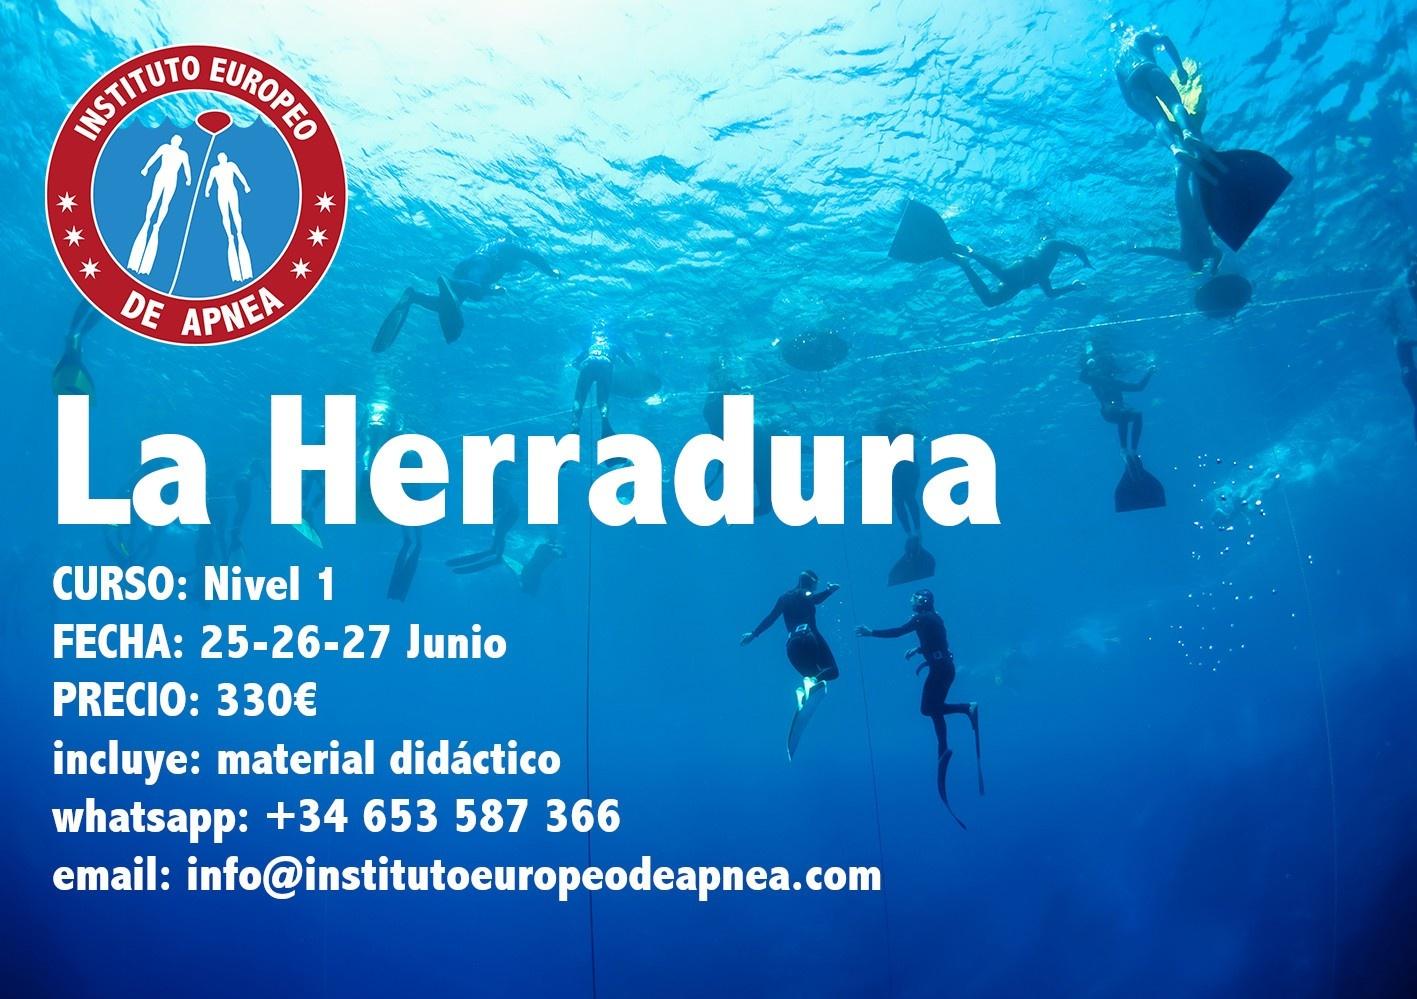 Curso de Apnea en Granada - La Herradura